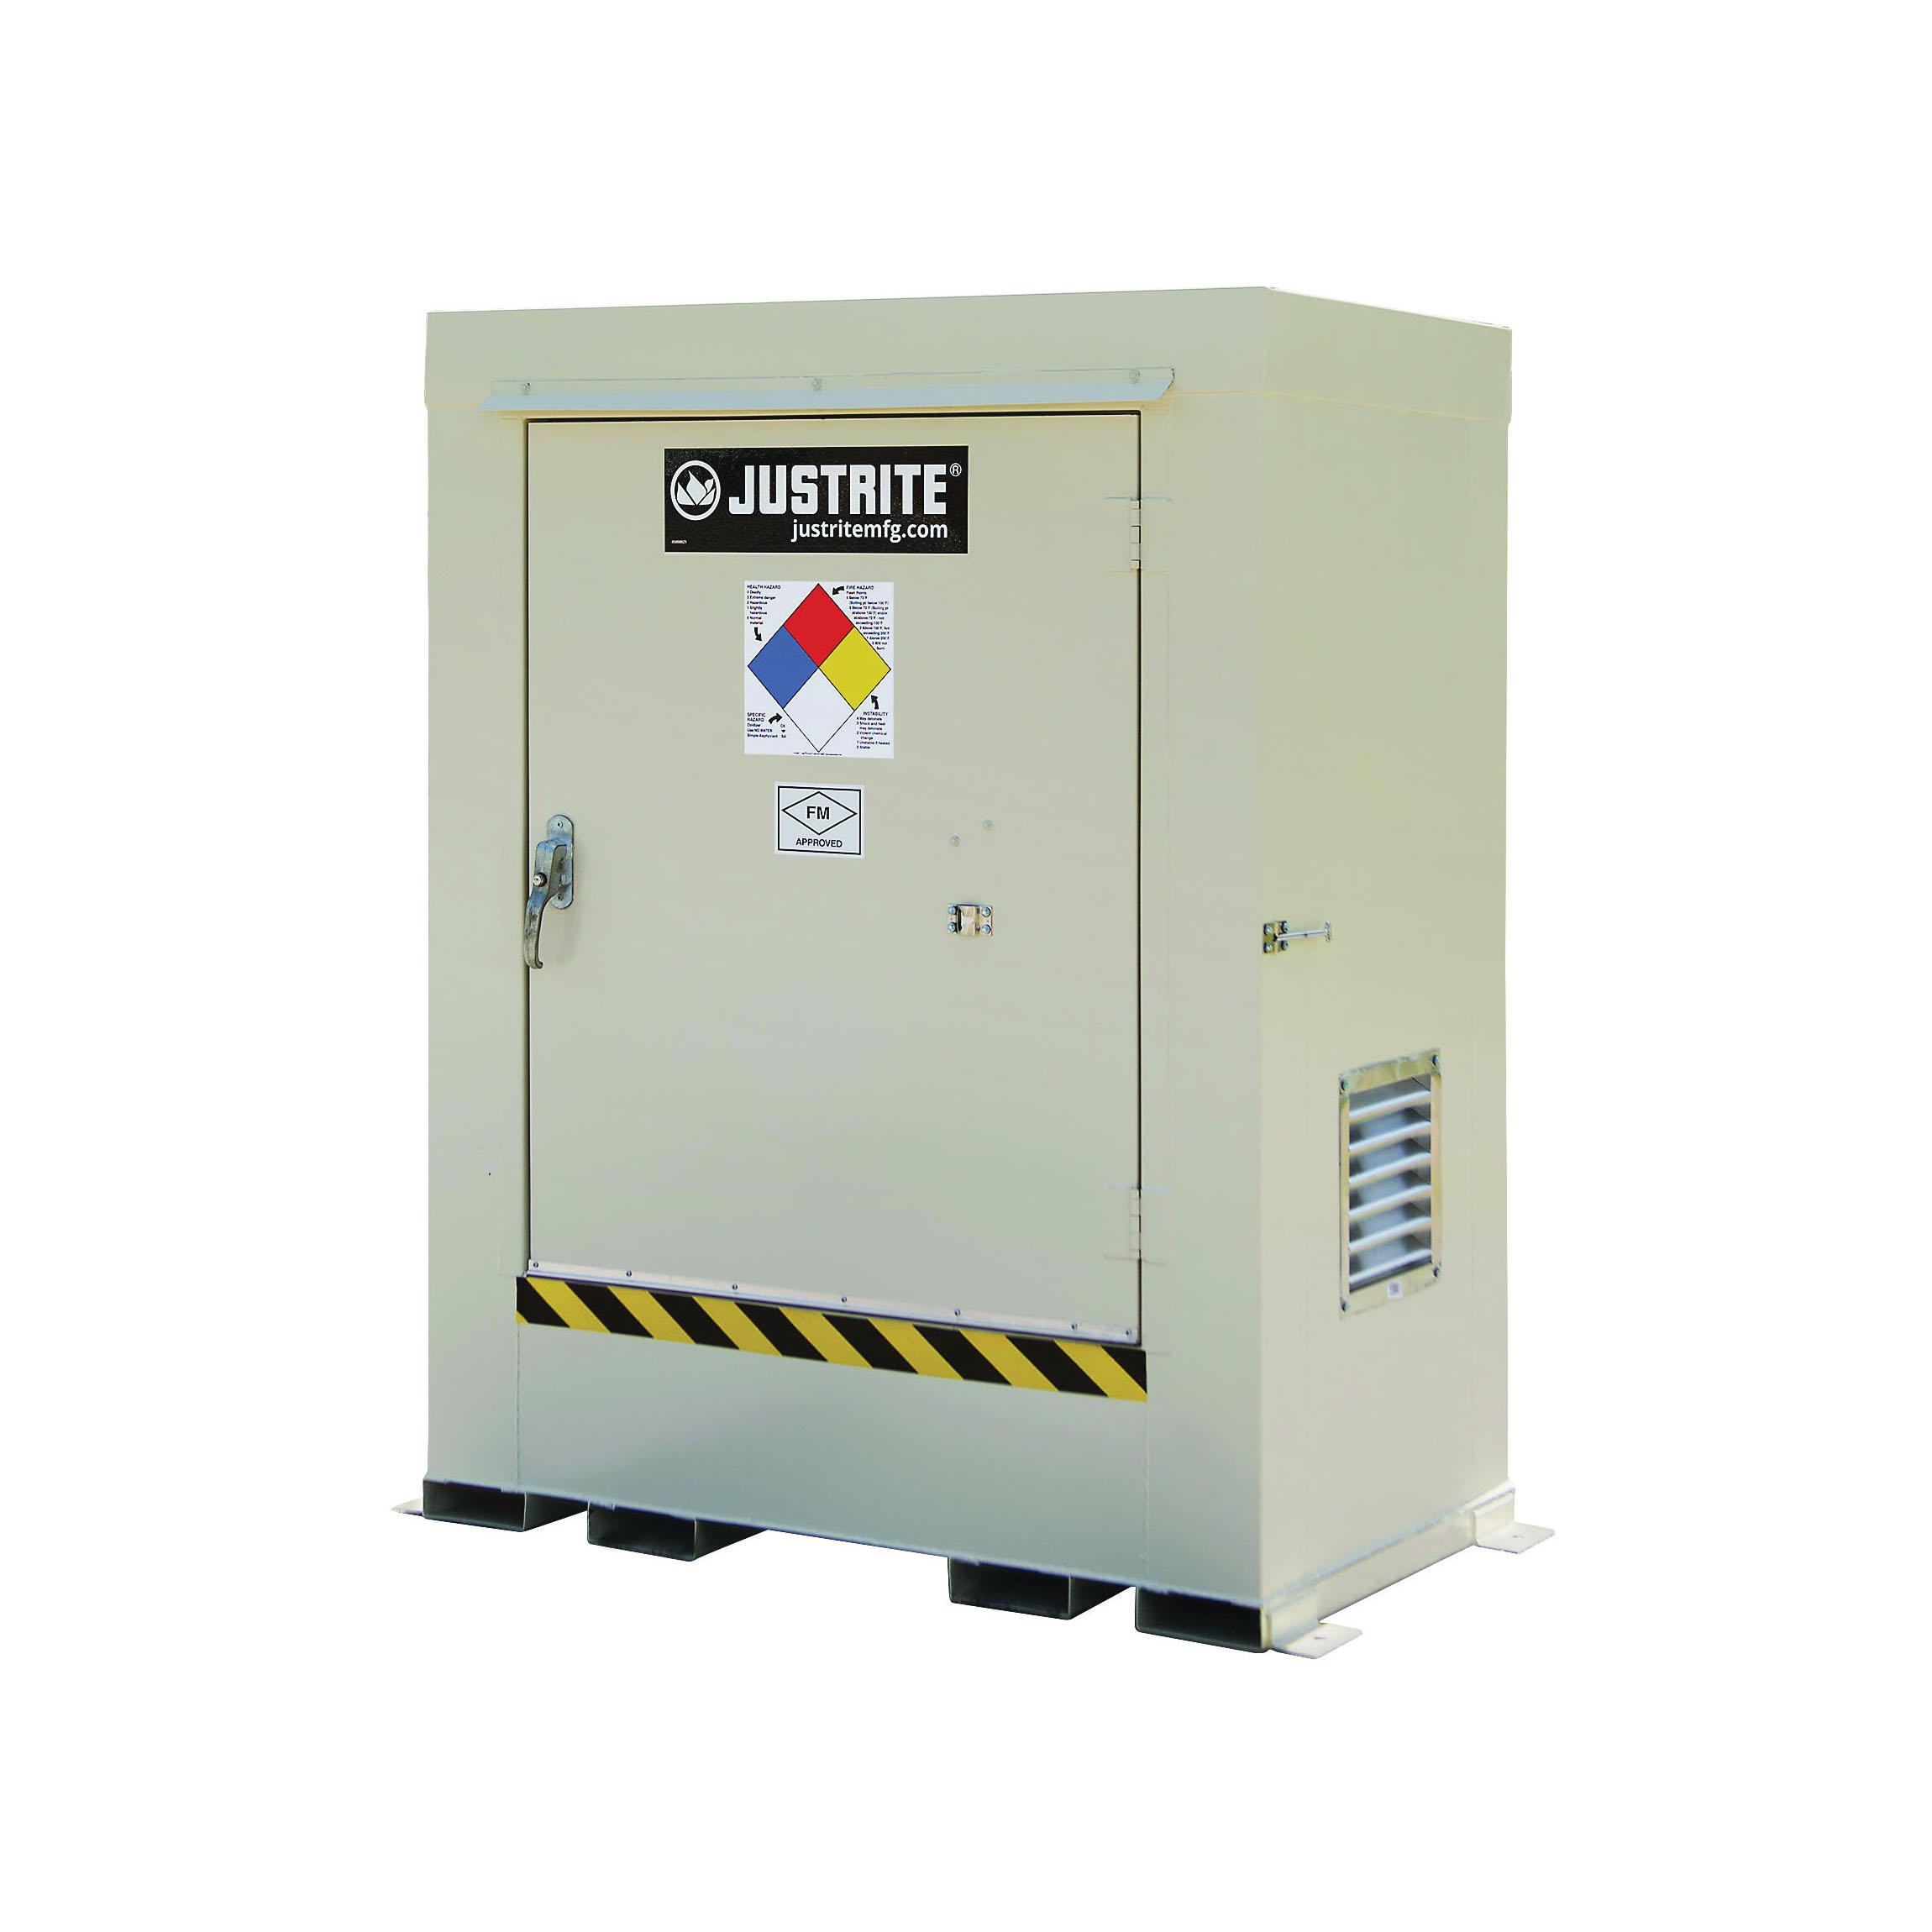 Justrite® 911021 Non-Combustible Outdoor Safety Locker, 75 in H x 60 in W x 36 in D, Standard Door, 1 Doors, Heavy Gauge Steel, Bone